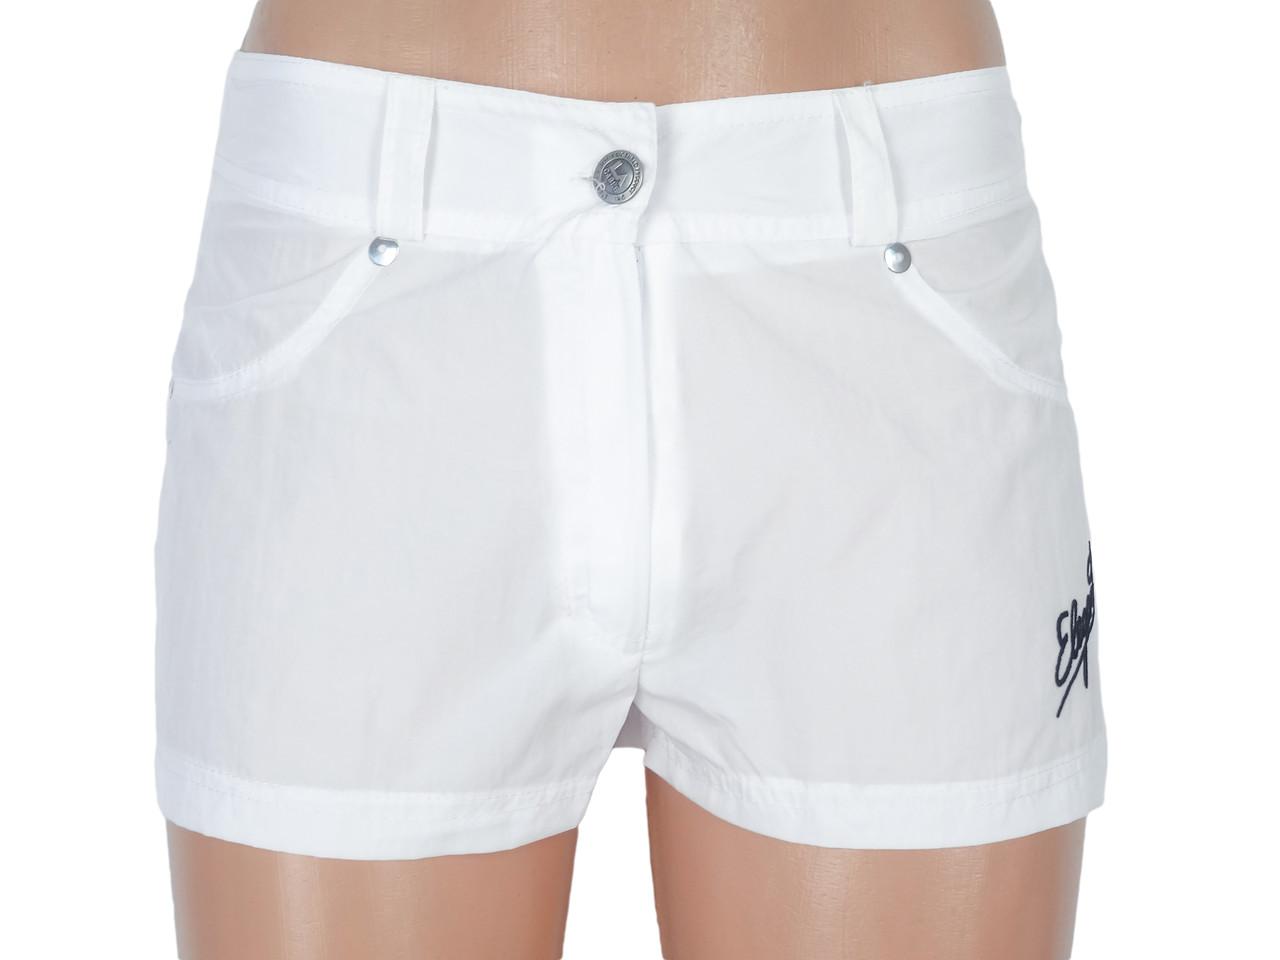 Літні жіночі короткі шорти 40-46